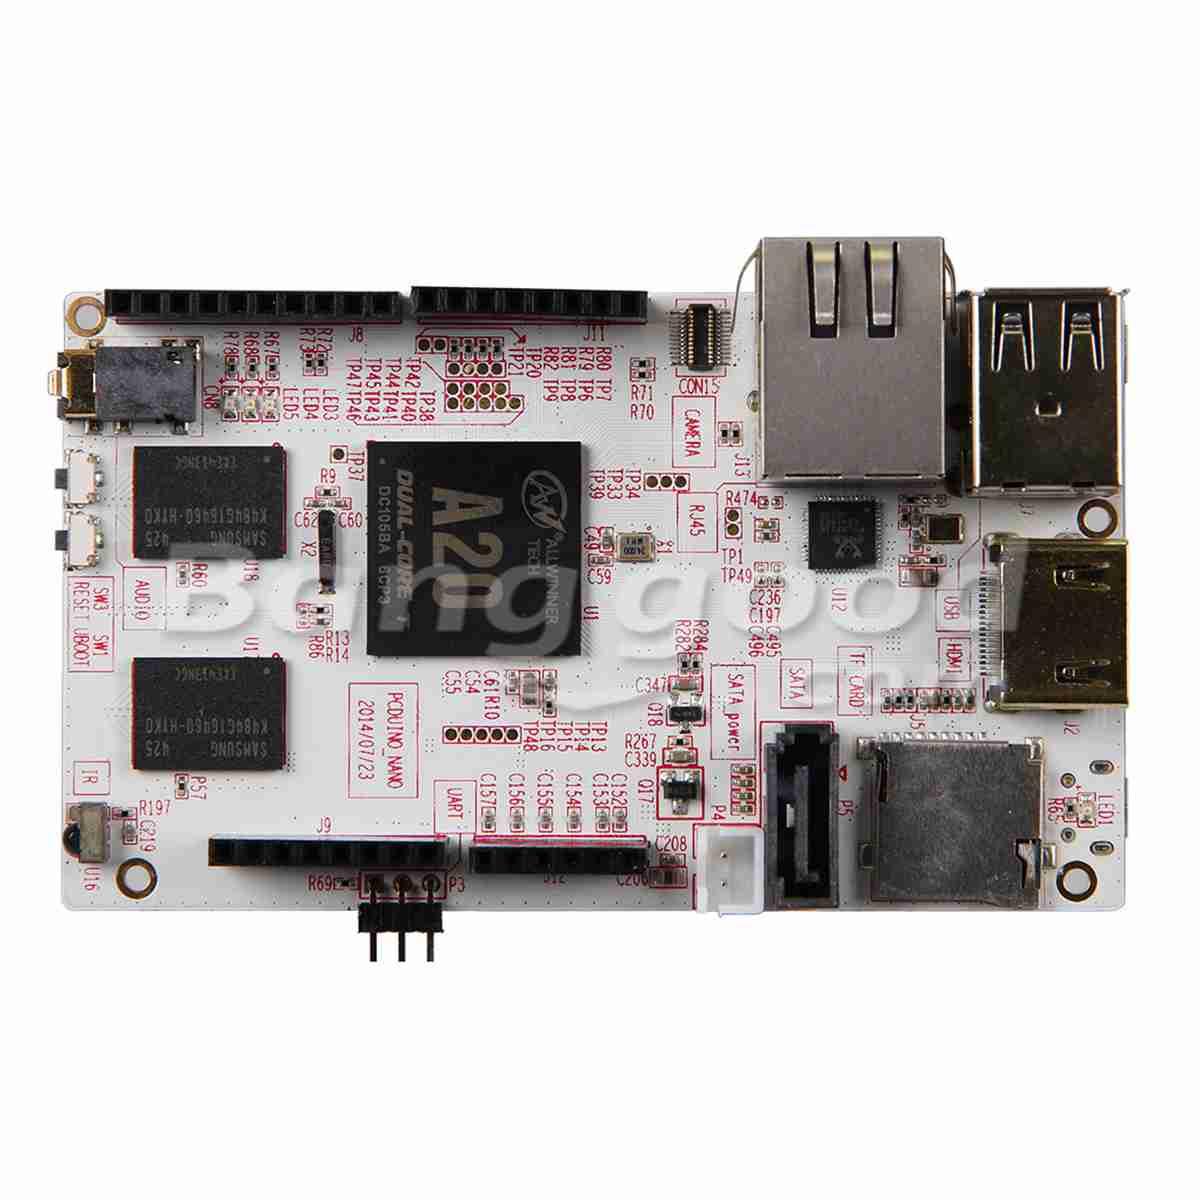 pcDuino3 Nano 1GHz Dual Core Cortex-A7 Development Board For Arduino Raspberry PI